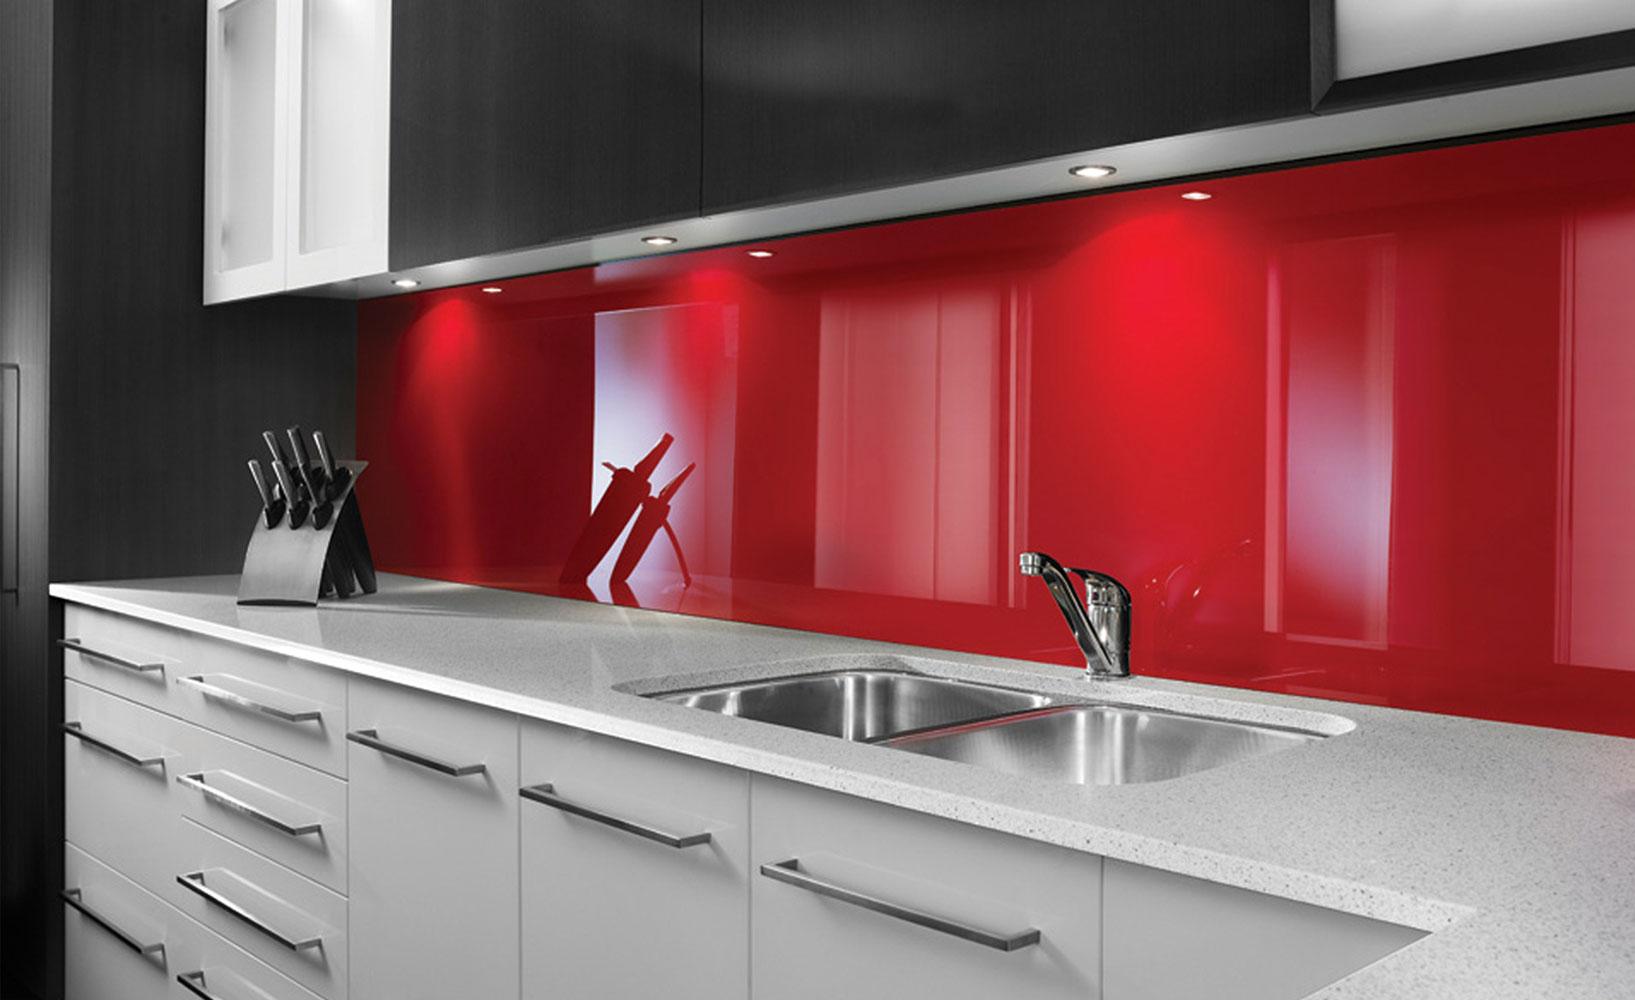 der k che einen edlen look verpassen mit acrylglas klappt 39 s. Black Bedroom Furniture Sets. Home Design Ideas